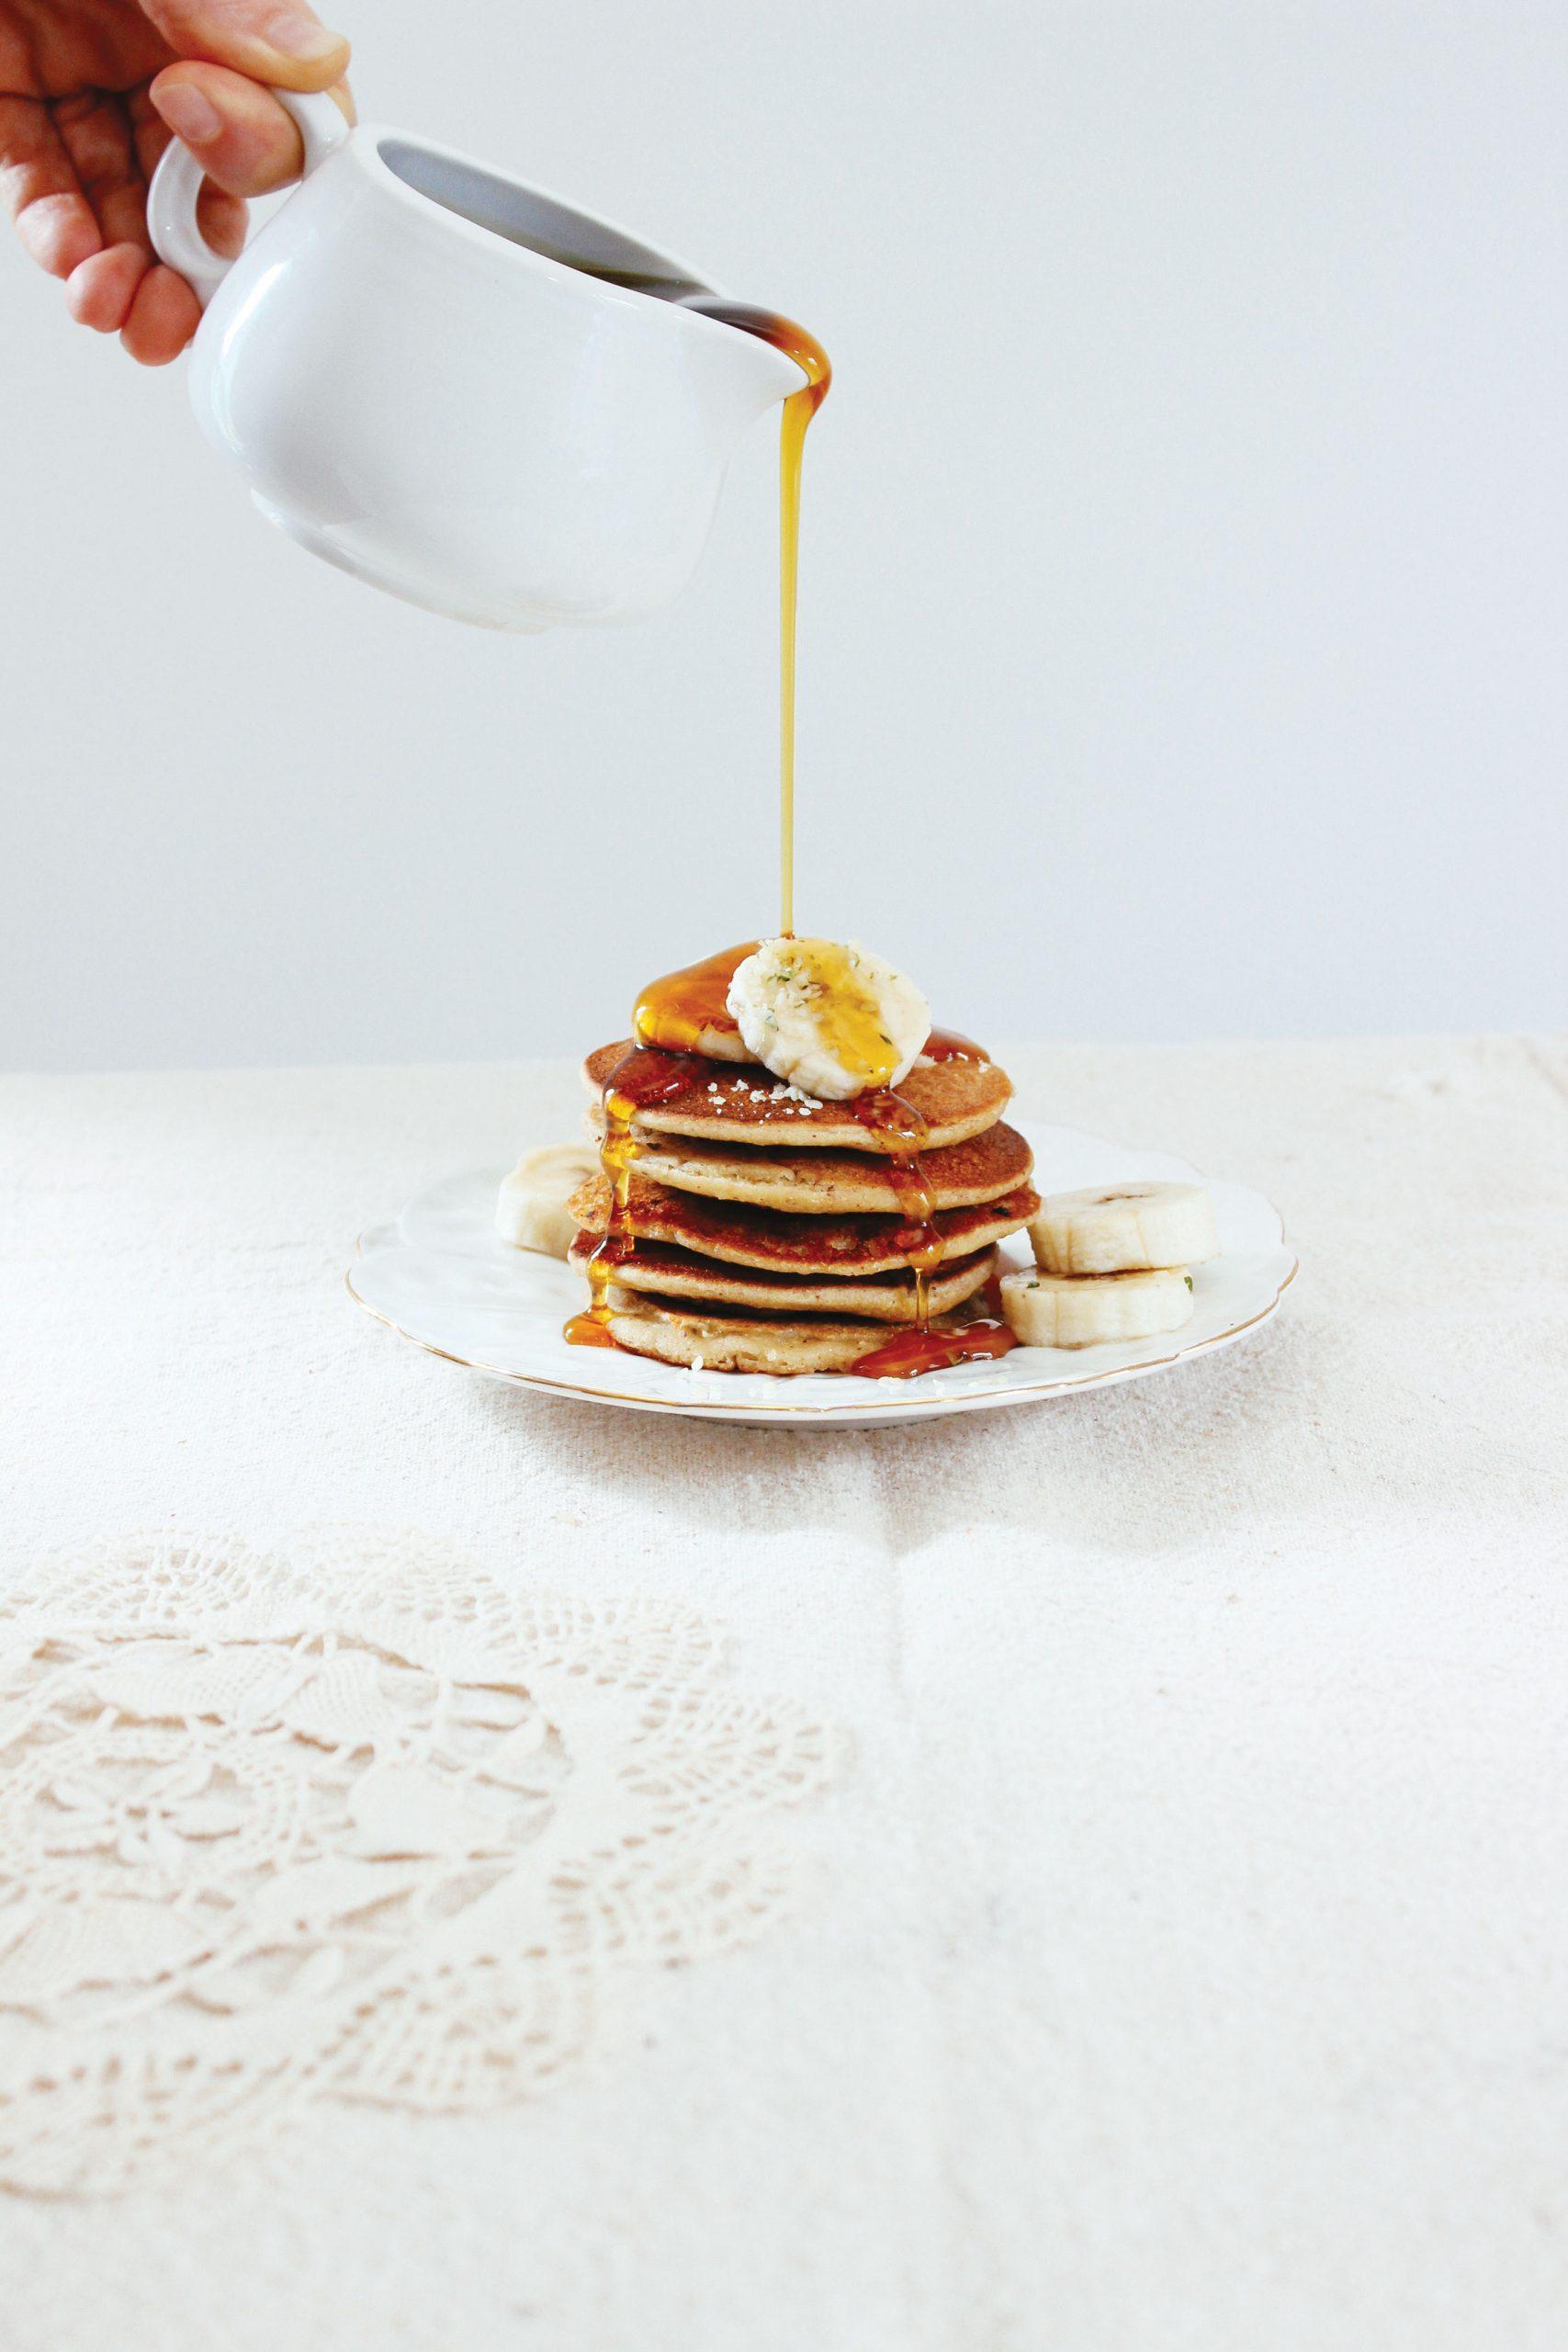 Heck Yeah, Banana Pancakes